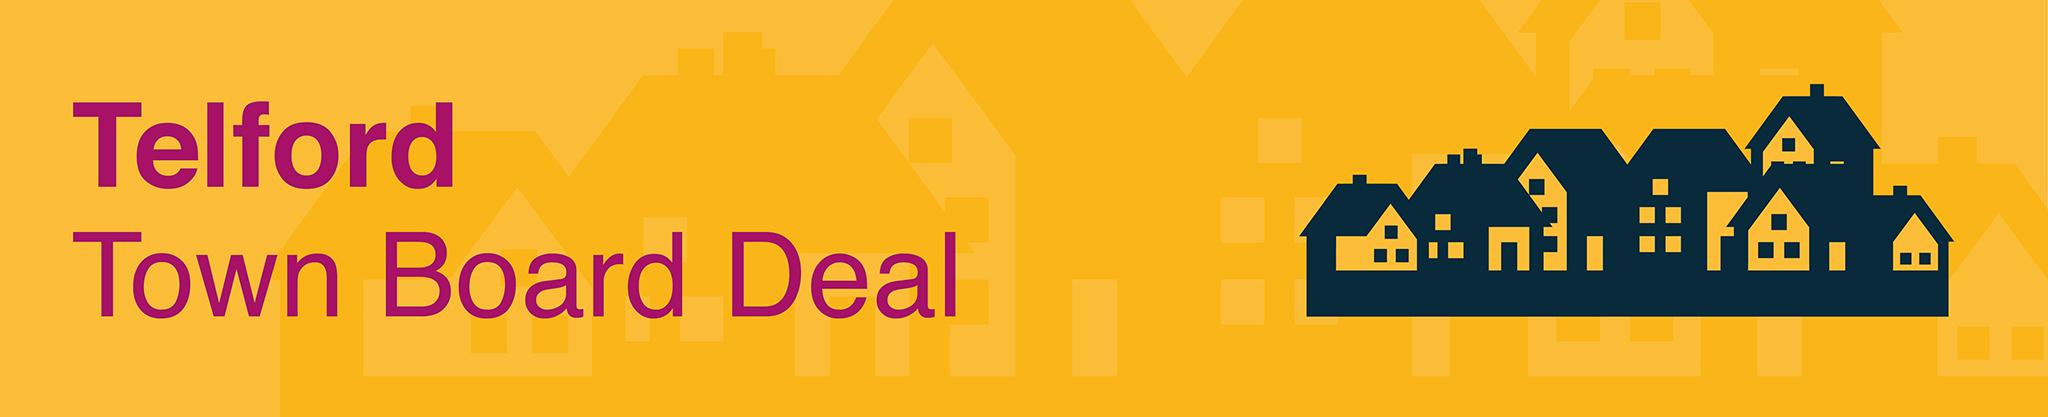 Telford Town Deal Board header